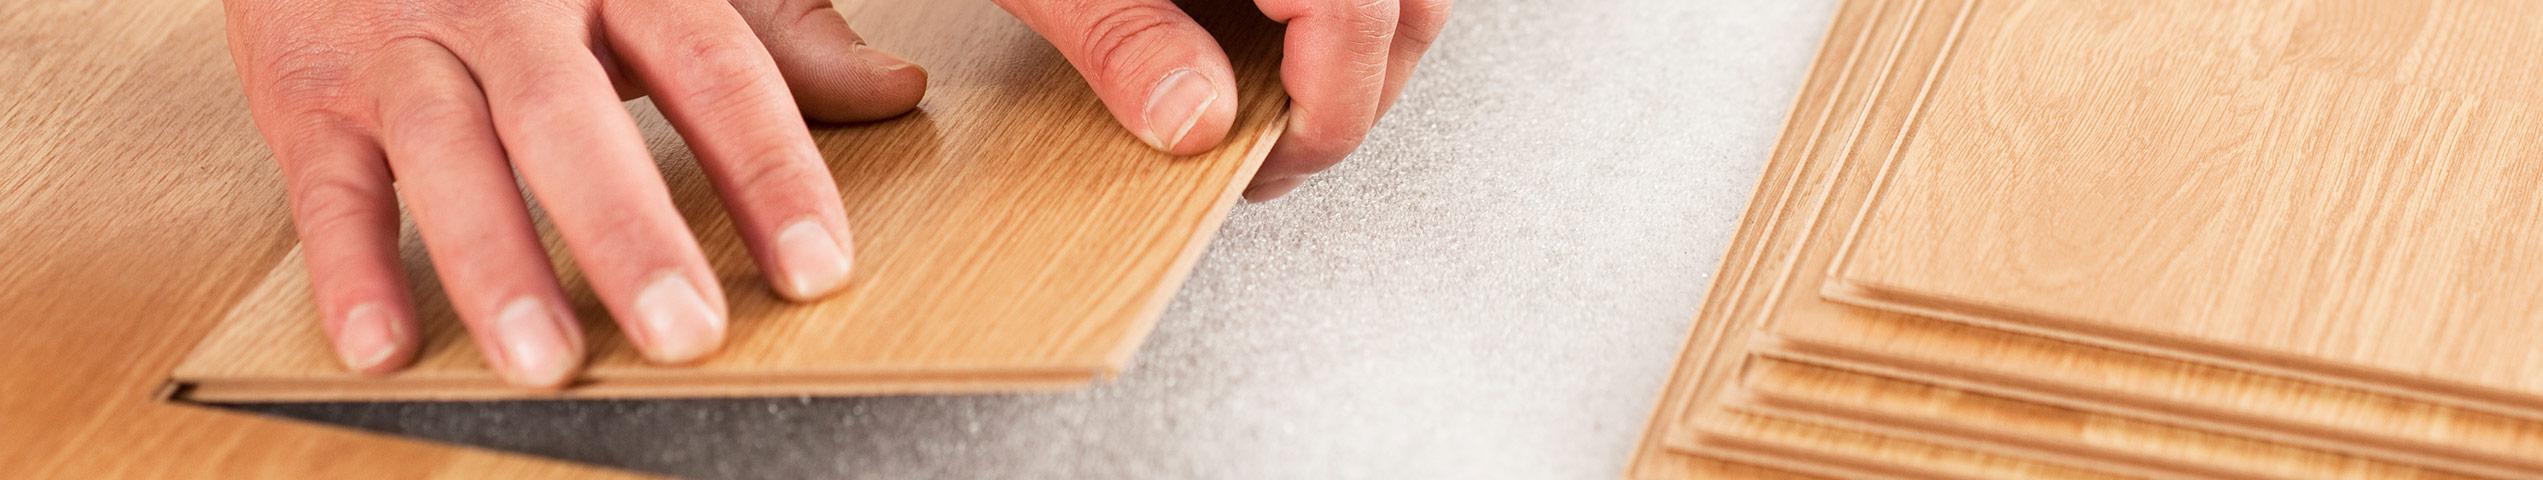 boden verlegen mit teppich holz und cv belag - Laminat Auf Teppichboden Verlegen